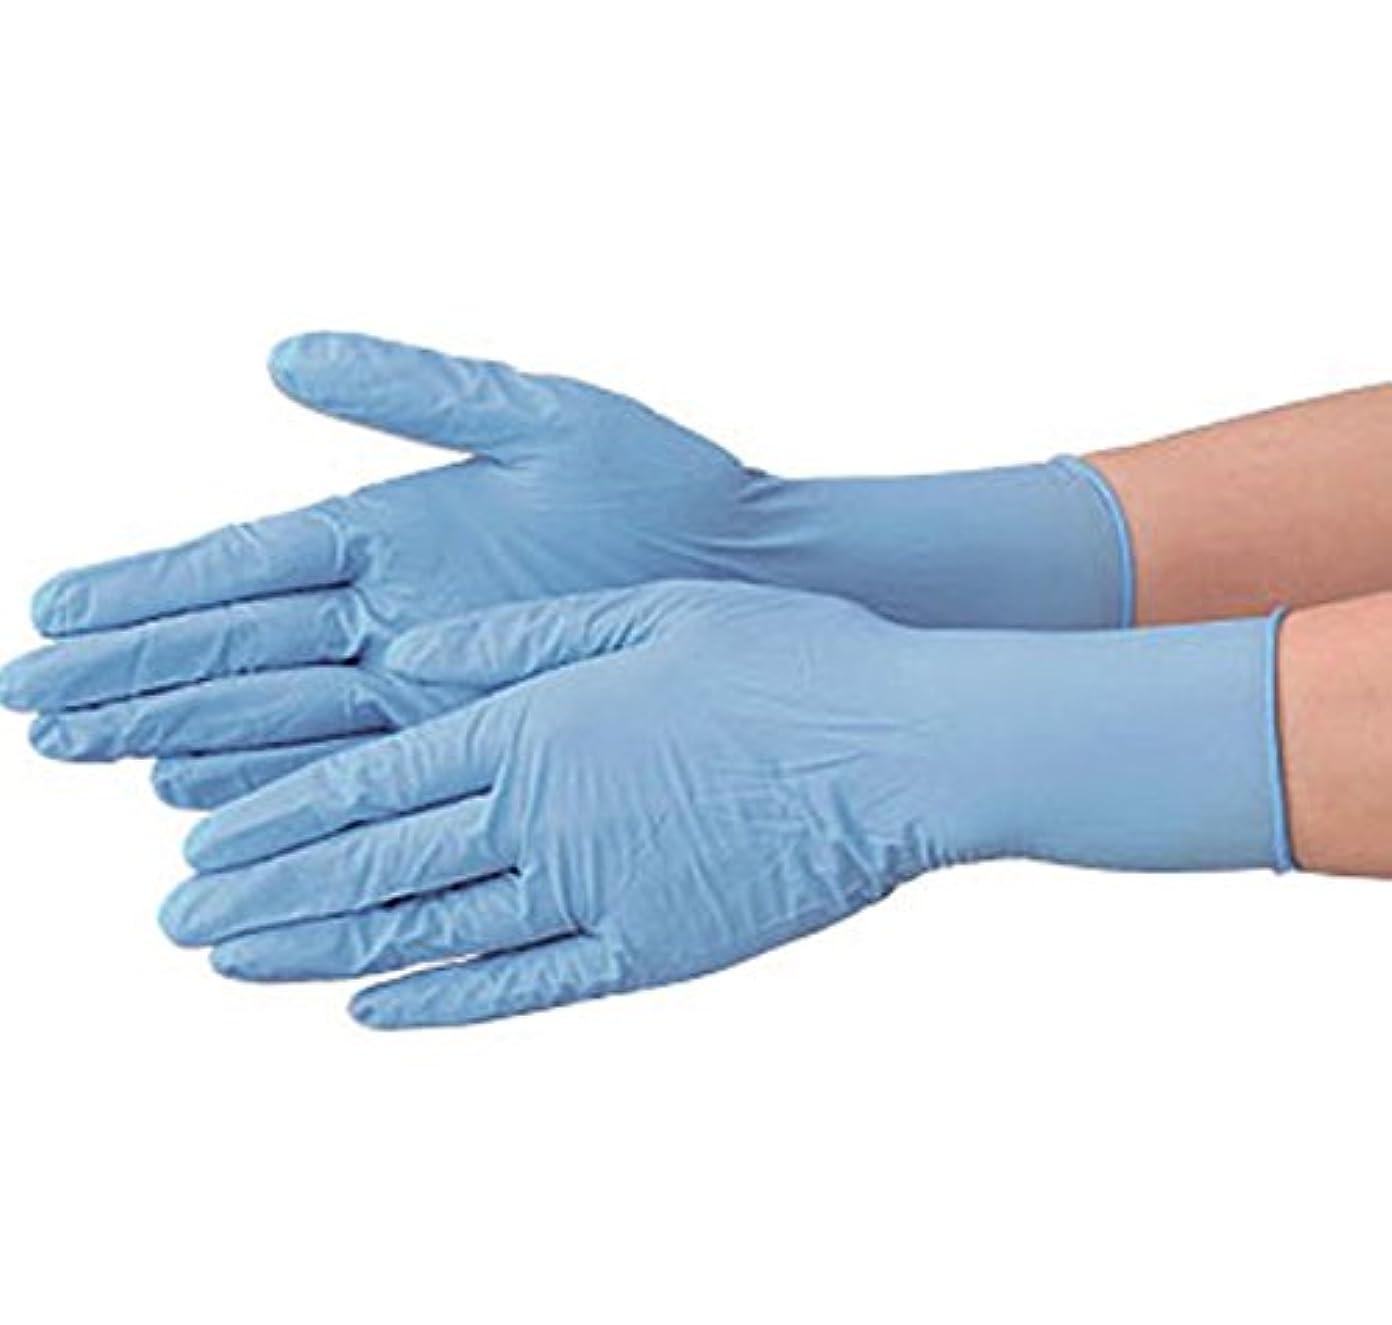 呼吸探す使い捨て 手袋 エブノ 573 ニトリルNEOプラス ブルー Mサイズ パウダー付き 2ケース(100枚×40箱)